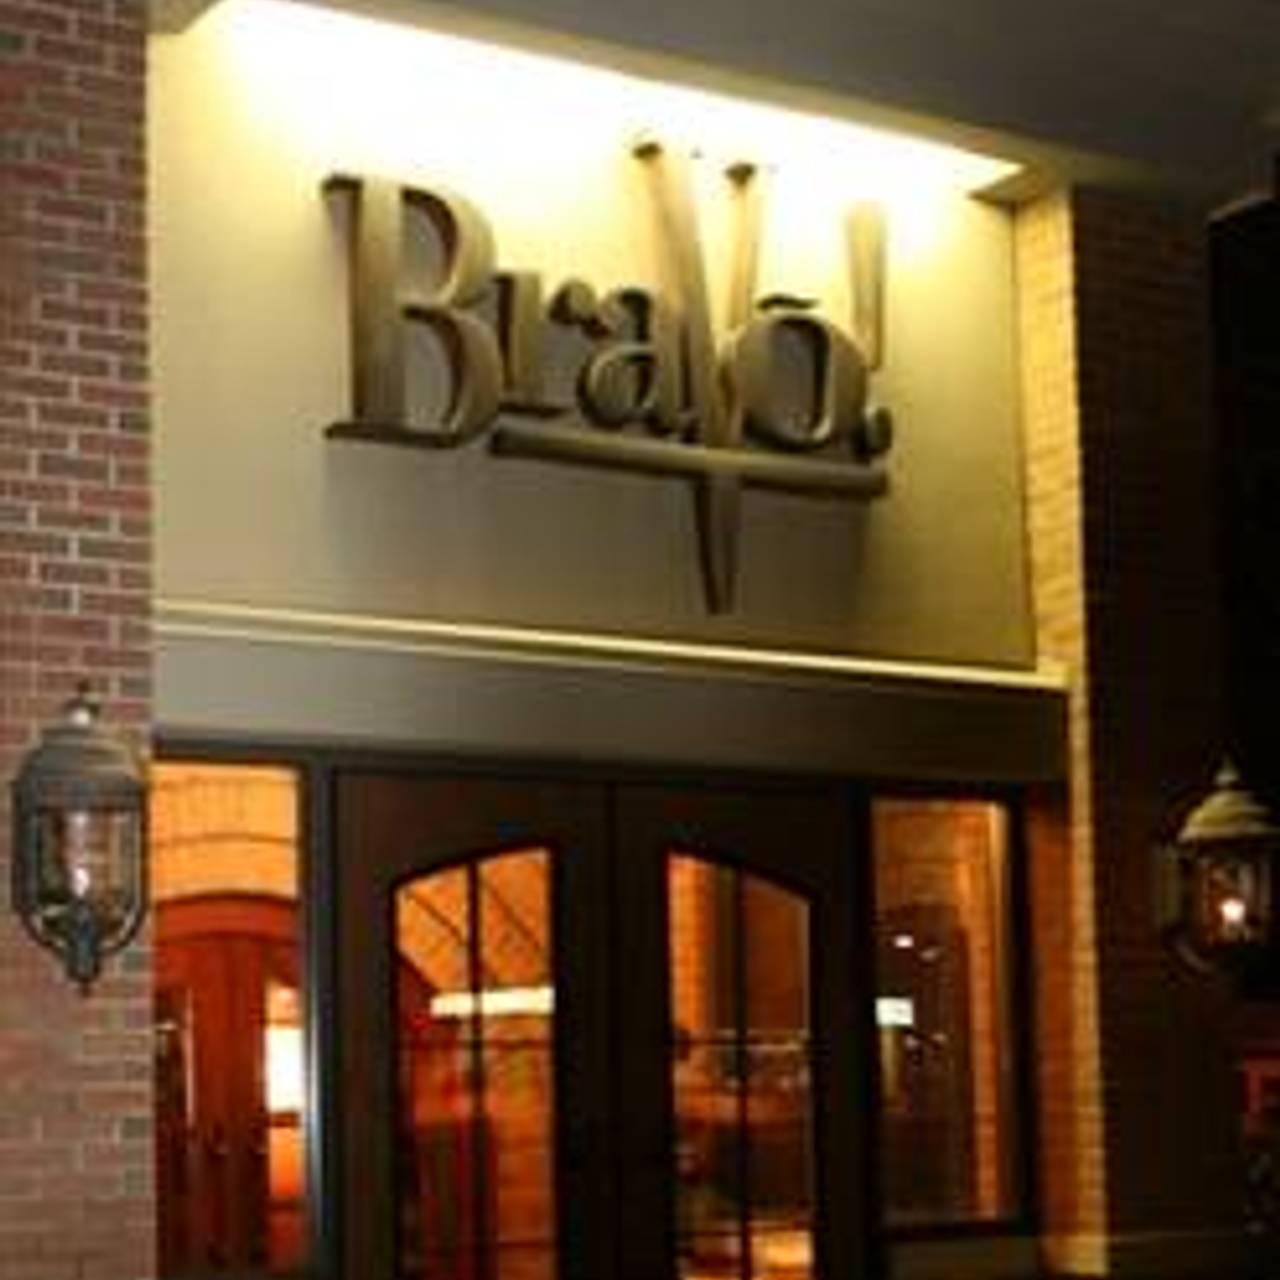 Bravo Restaurant And Cafe Kalamazoo Mi Opentable